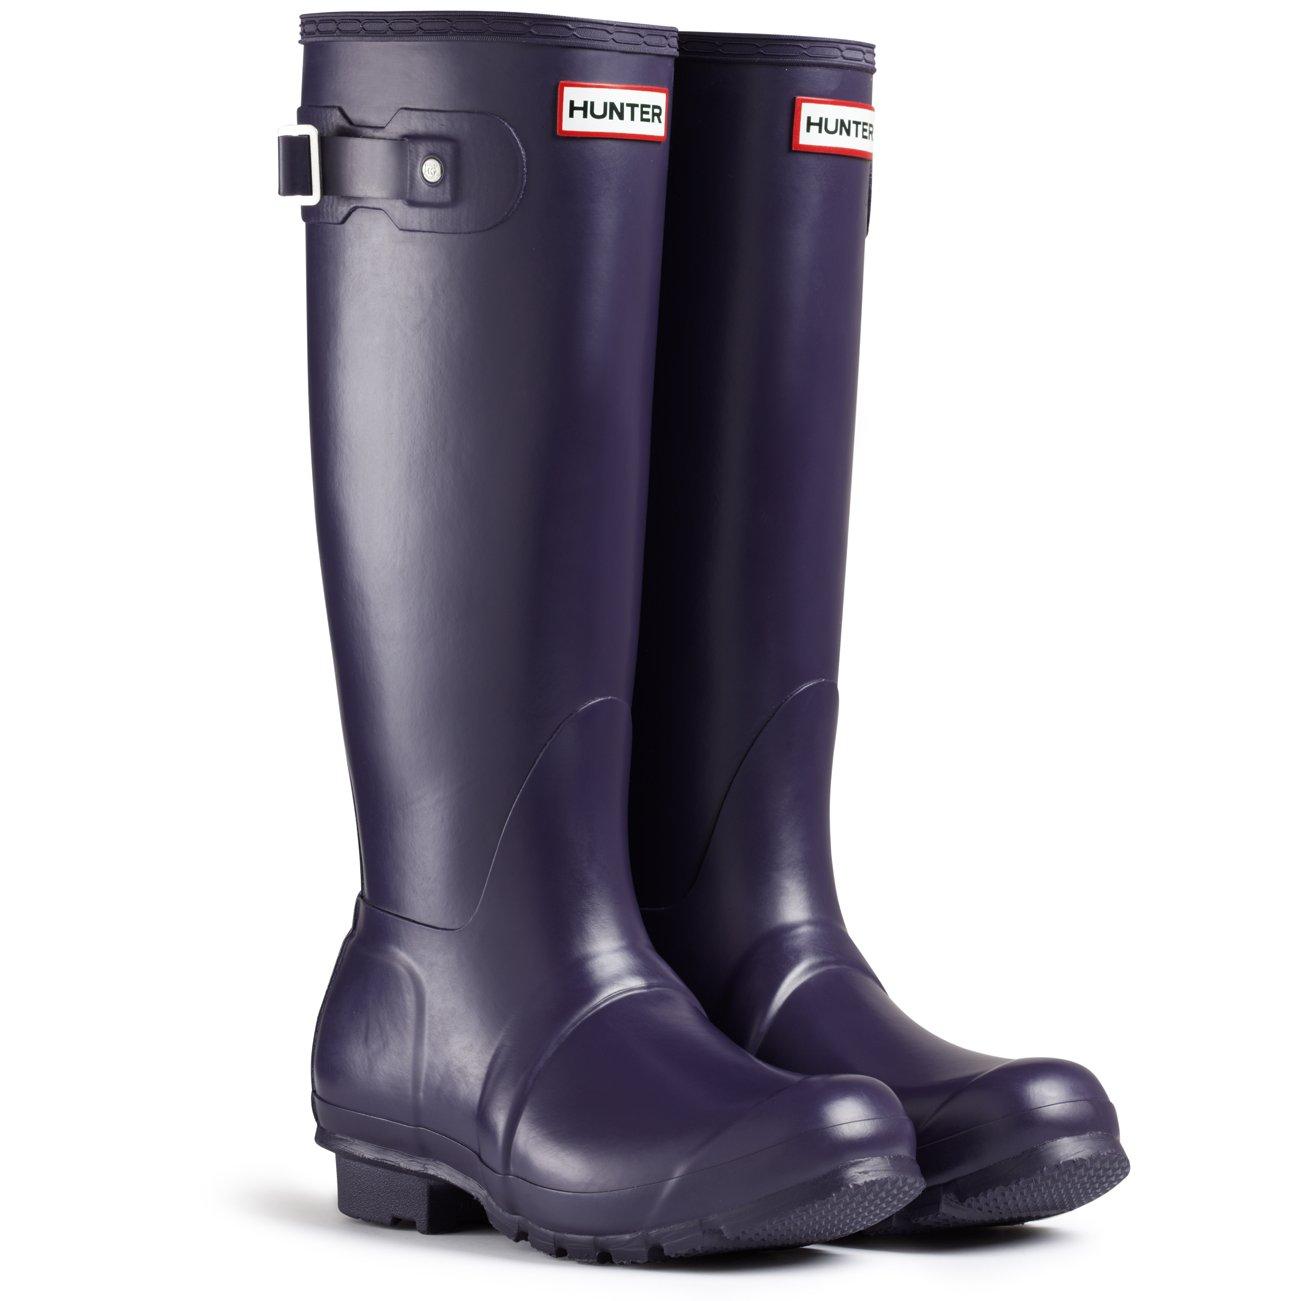 Women's Hunter Boots Original Tall Snow Rain Waterproof Boots - Dark Olive - 11